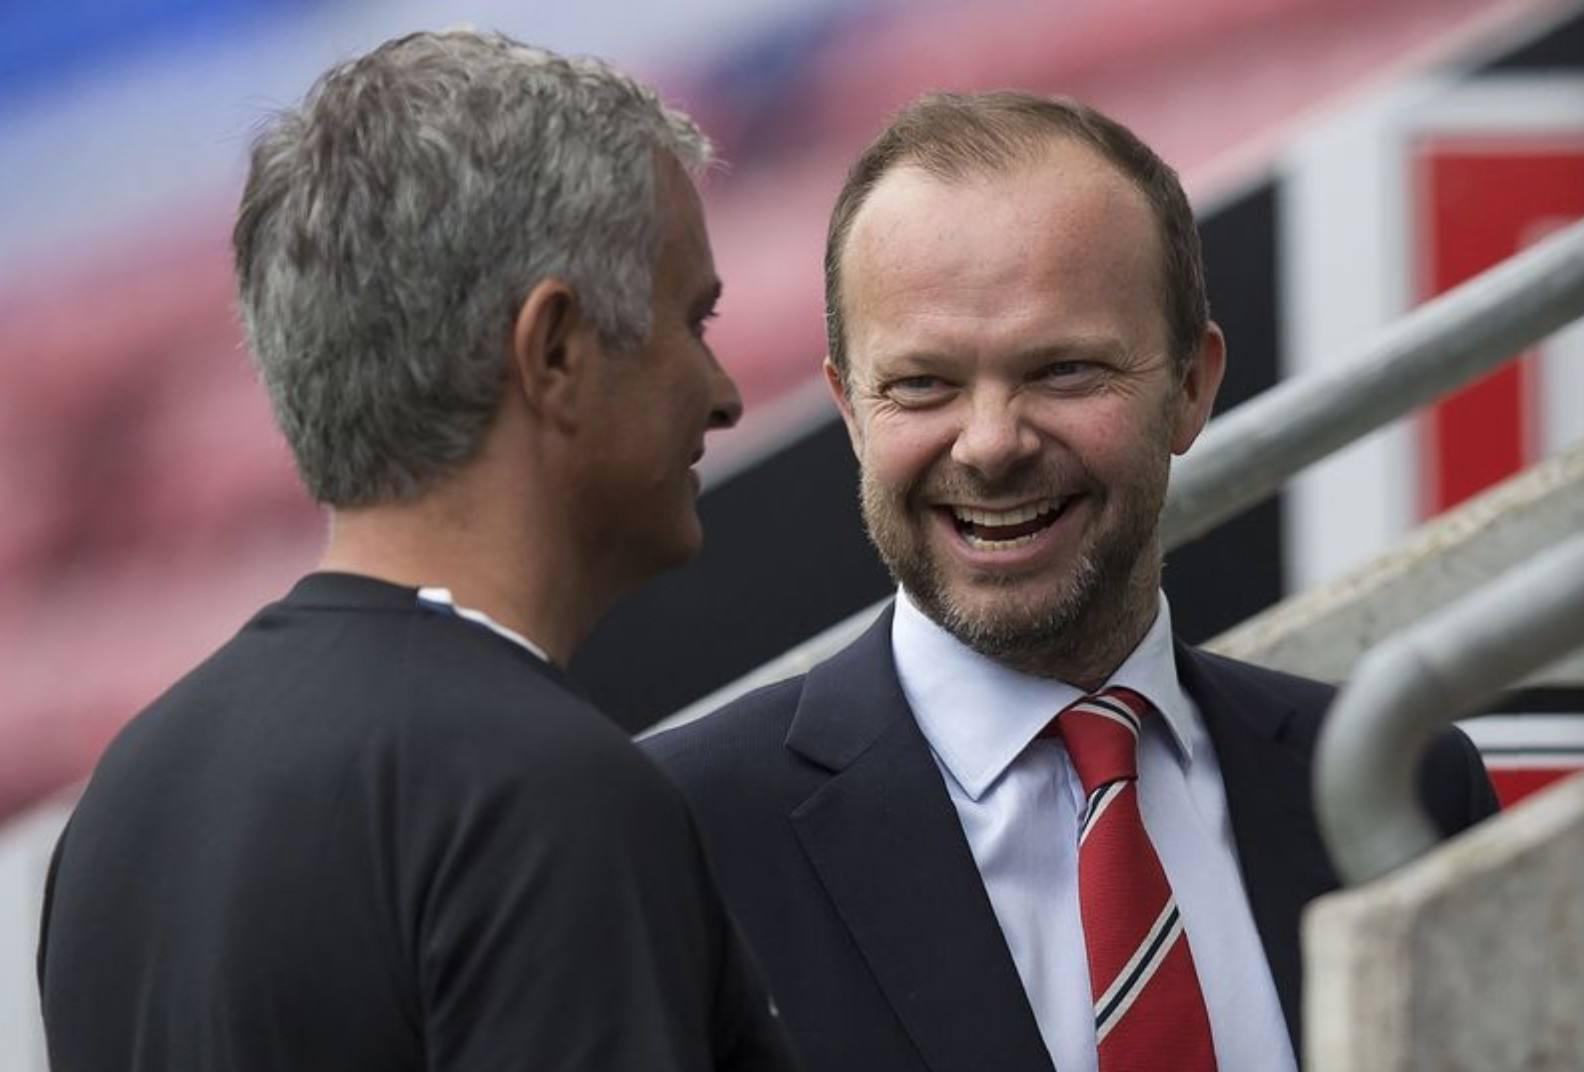 桑切斯效应?曼联工资总额将超3亿英镑,多位球员工资增长